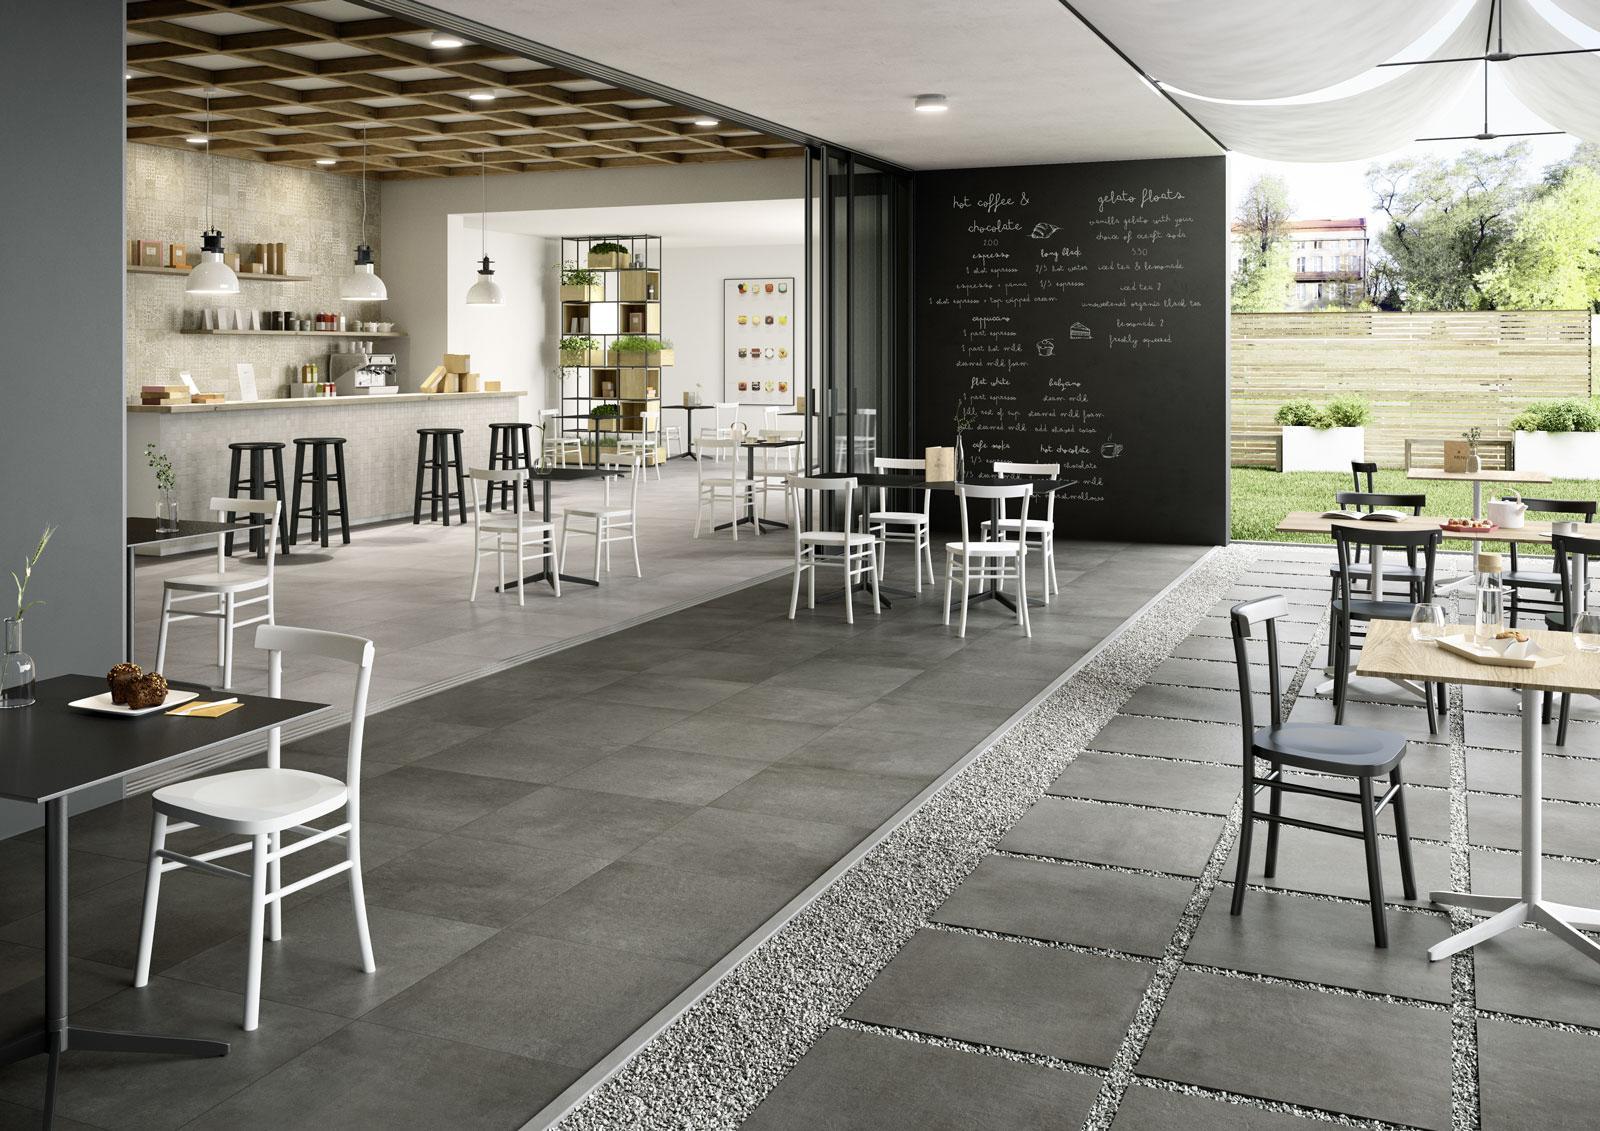 Plaster pavimentazione per esterno marazzi